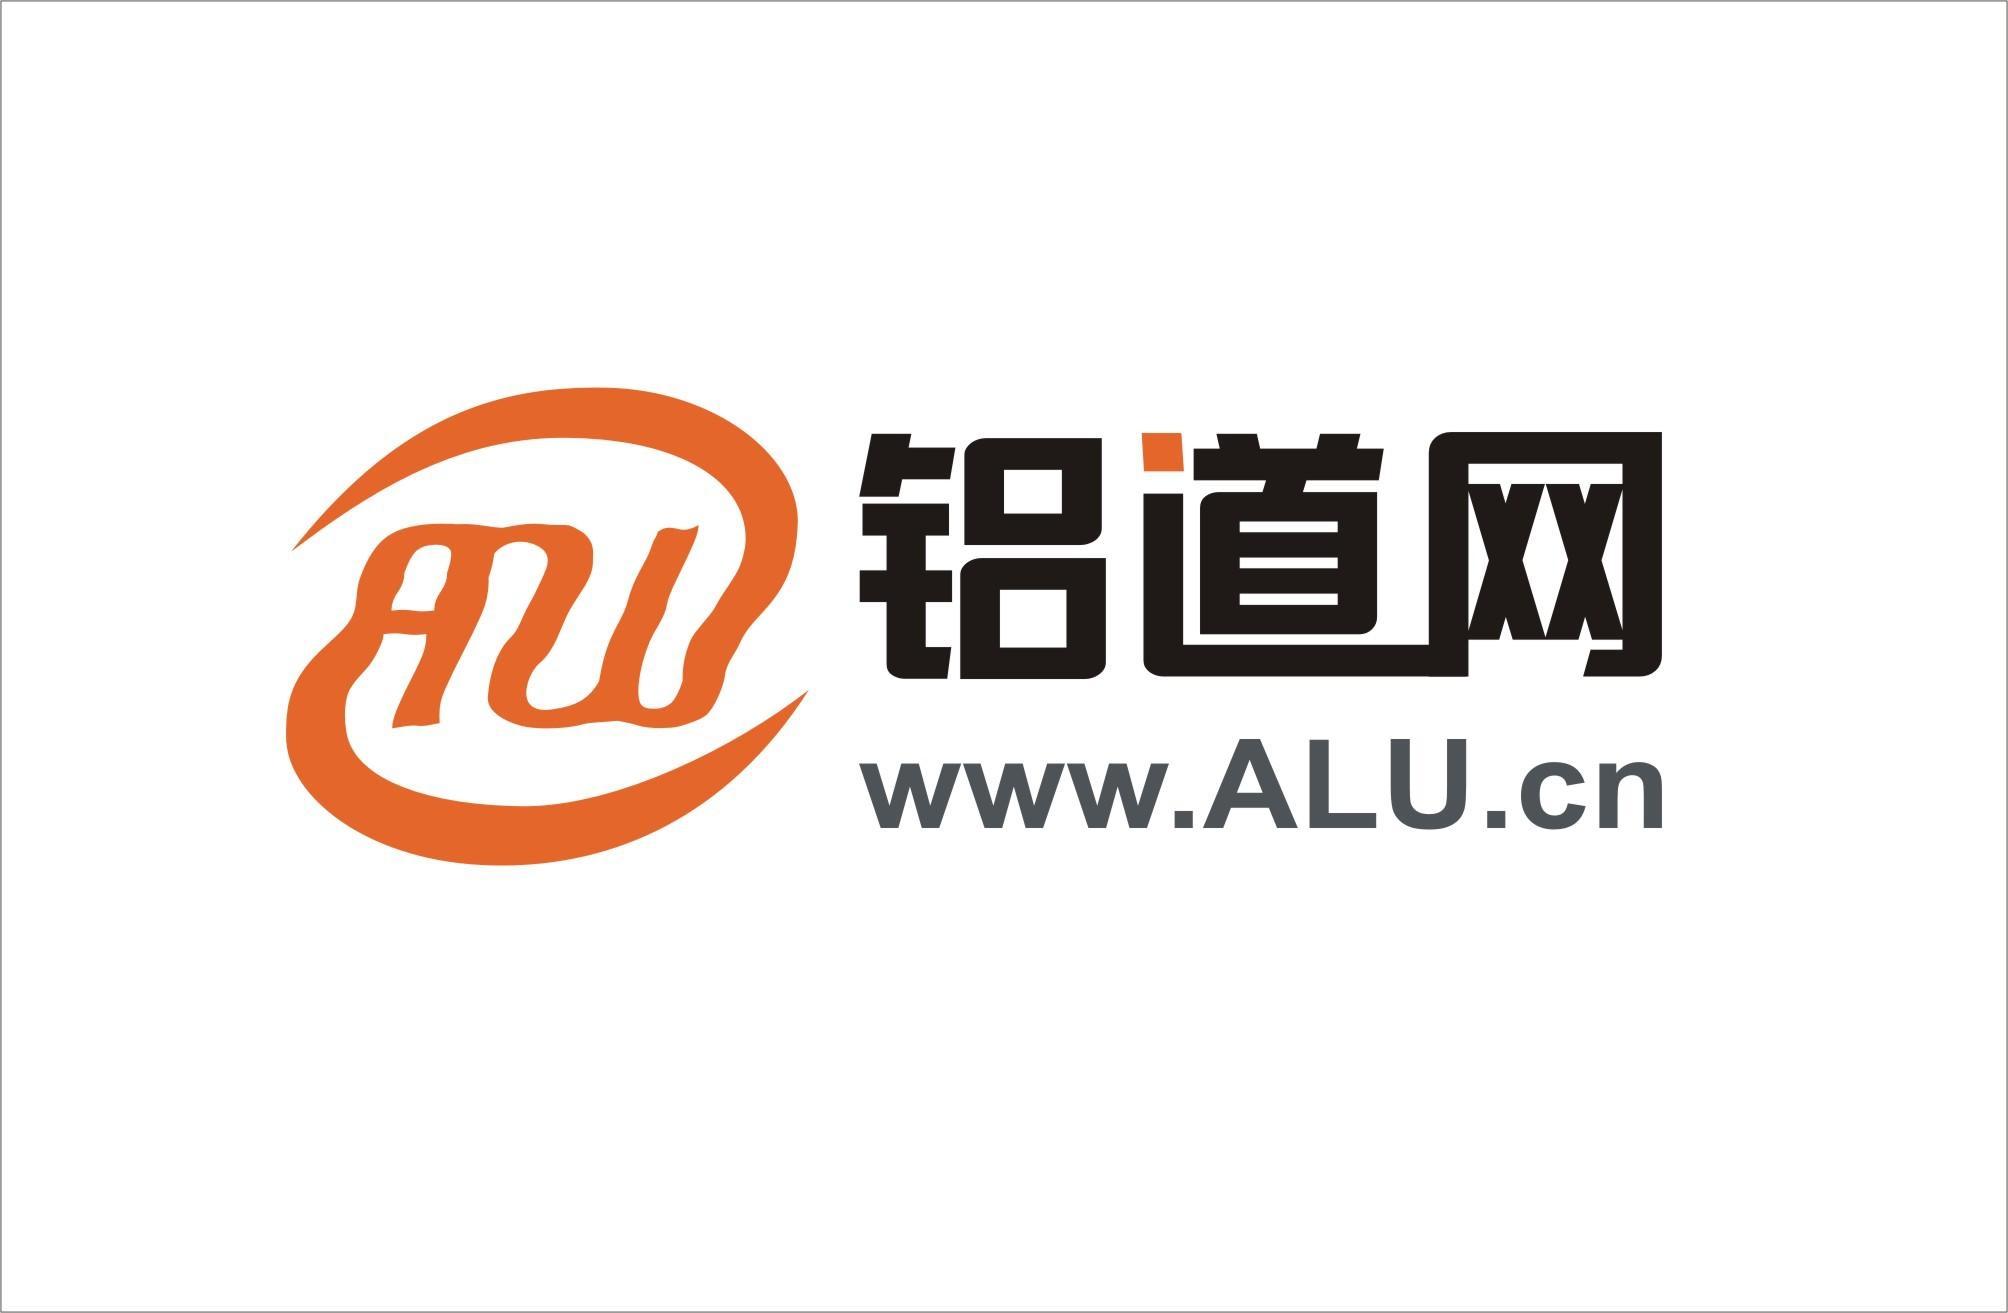 杭州商易网络有限公司